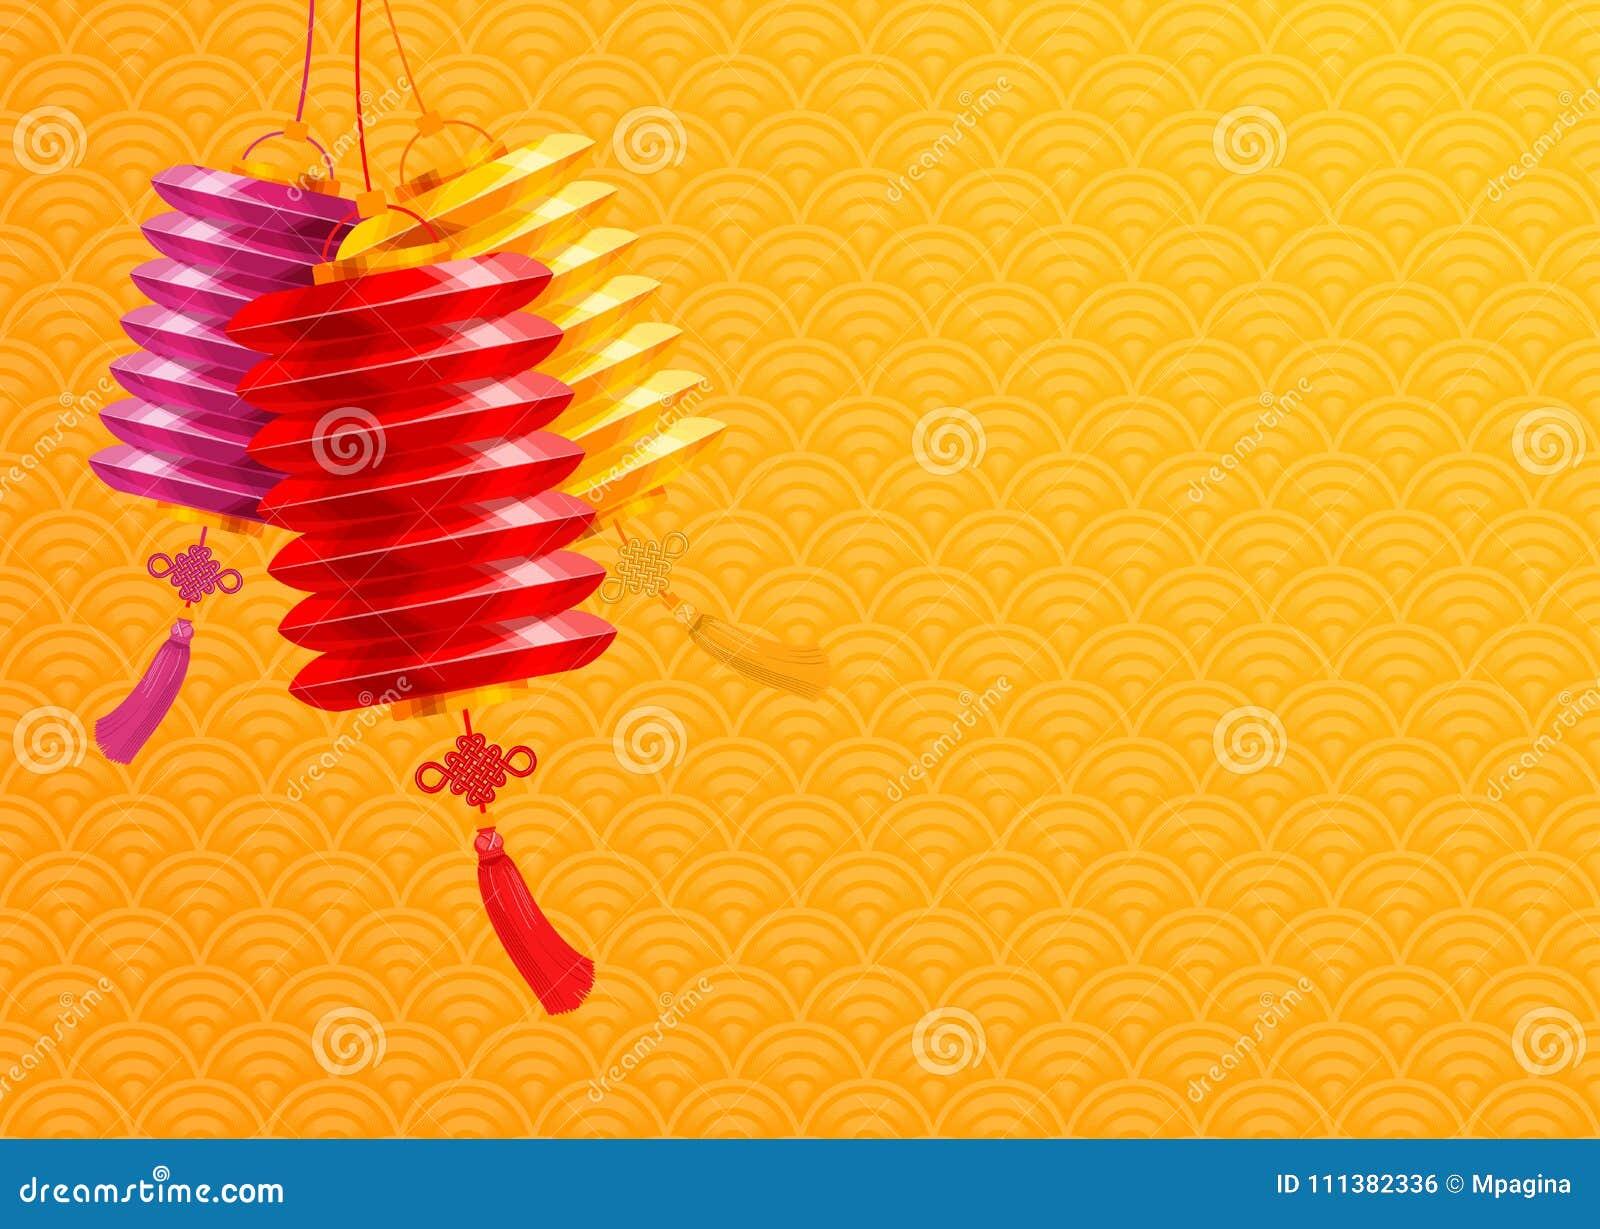 Fondo chino de las linternas de papel